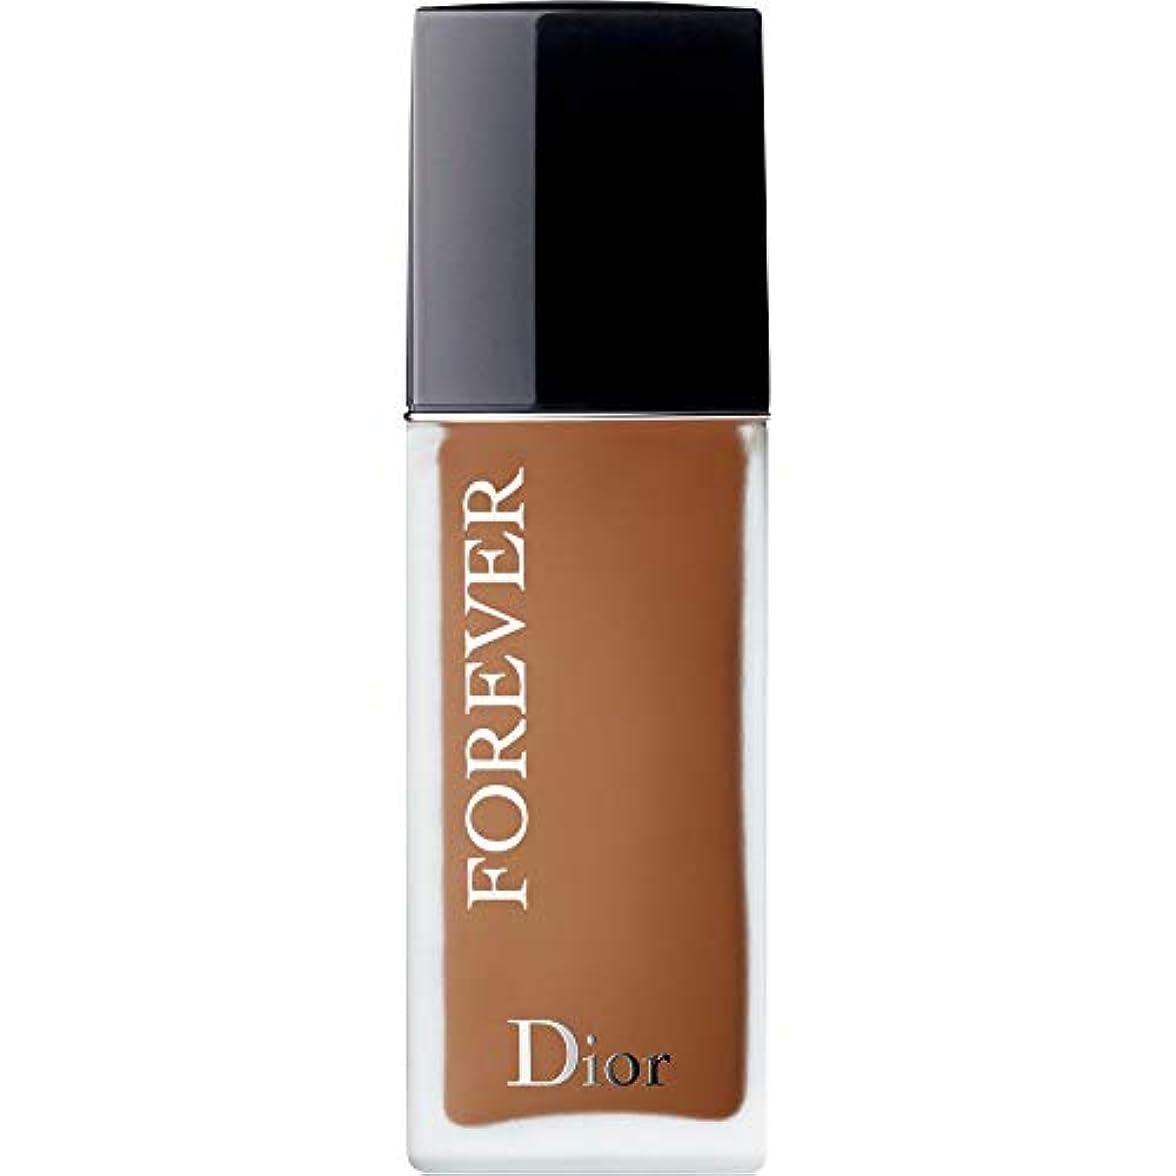 快適泥だらけ誓う[Dior ] ディオール永遠皮膚思いやりの基盤Spf35 30ミリリットルの6N - ニュートラル(つや消し) - DIOR Forever Skin-Caring Foundation SPF35 30ml 6N -...